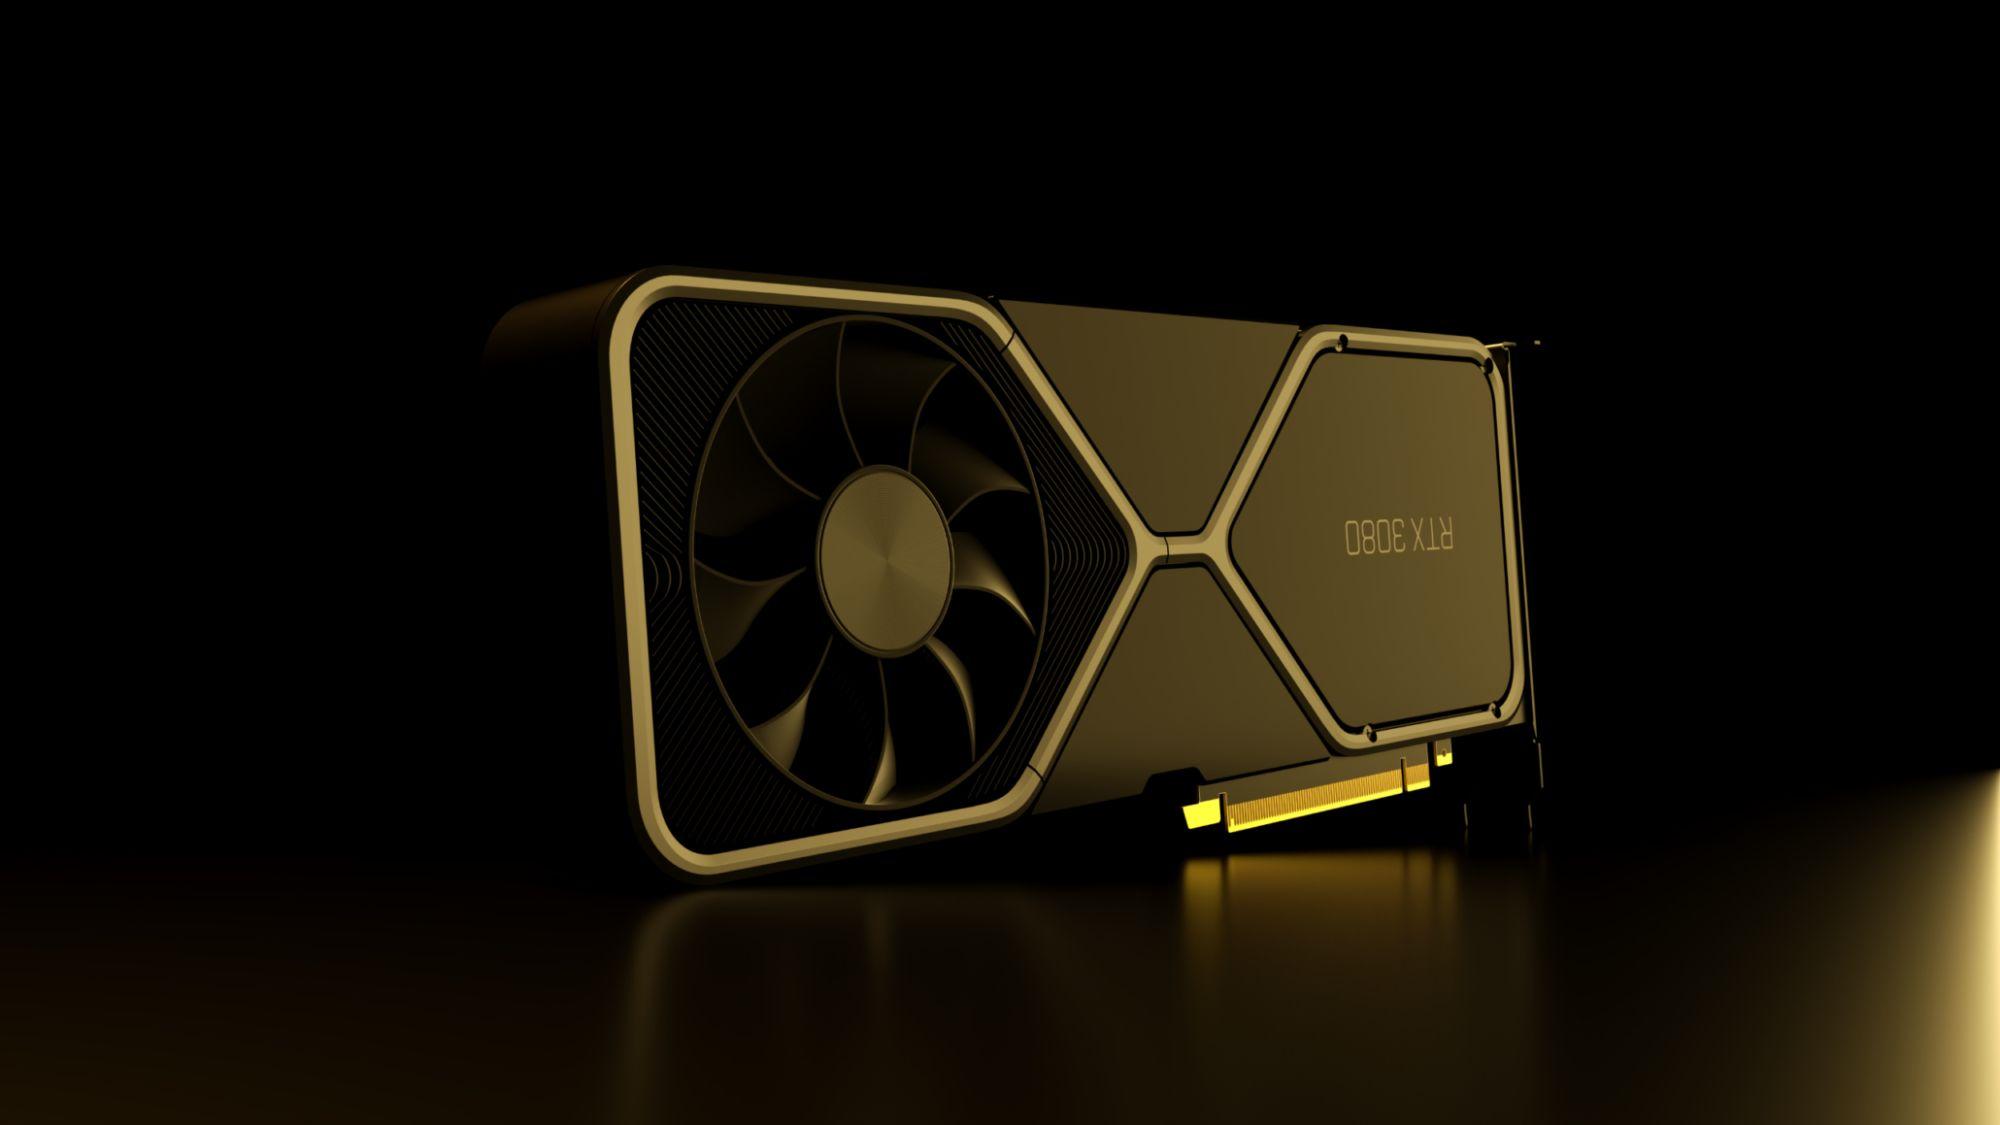 英伟达发布新显卡RTX 30 系列,性能升级价格更低